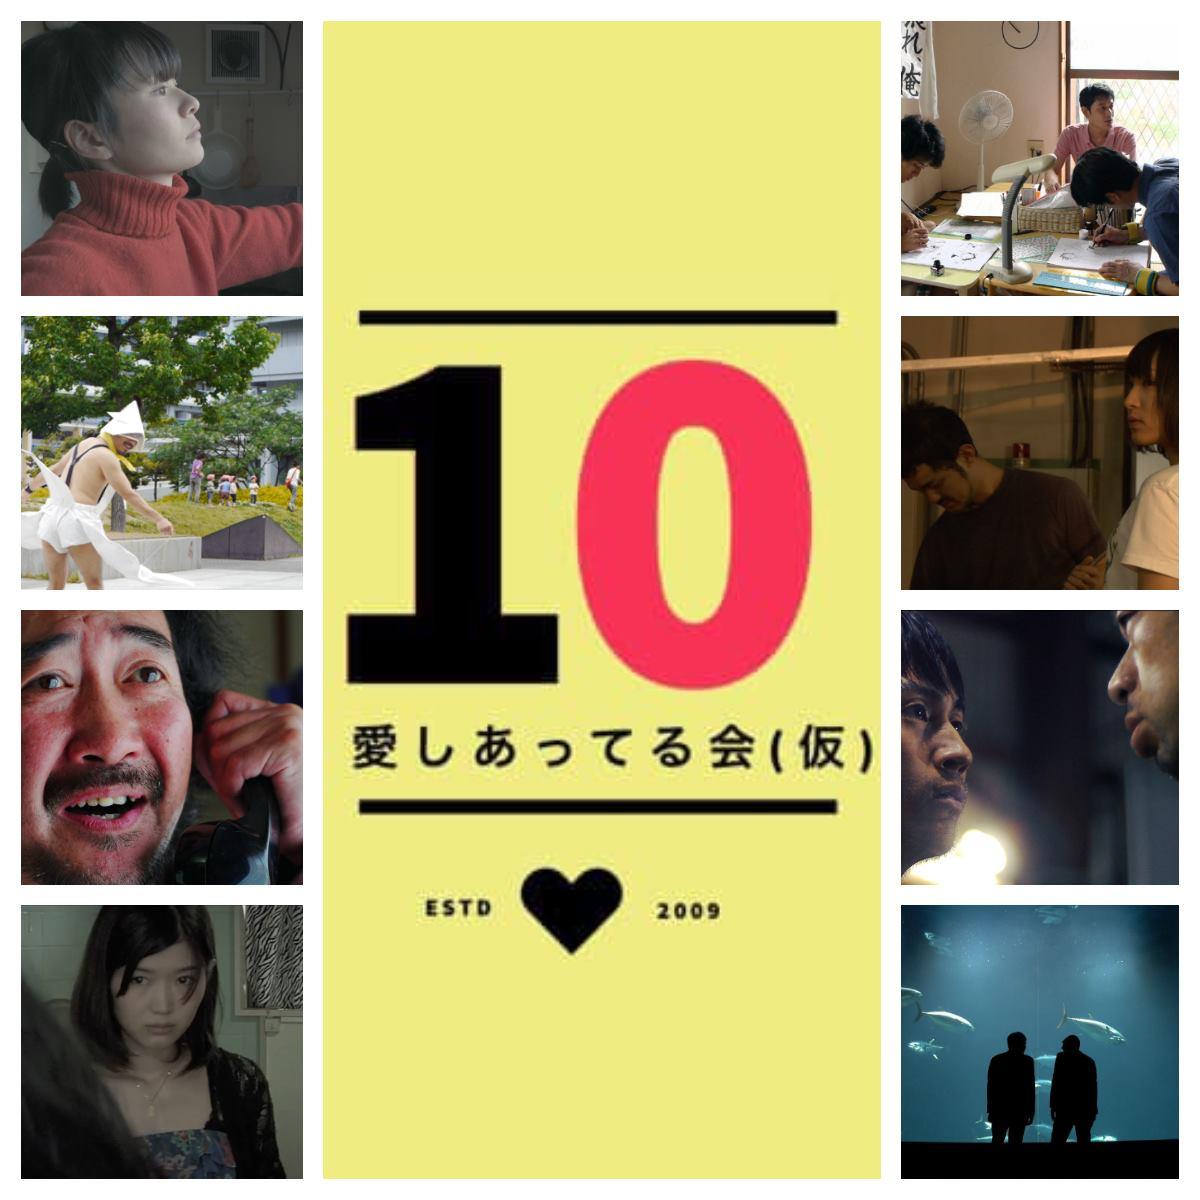 シネマ窟vol.36《愛しあってる会(仮)10周年記念特集上映ツアー@姫路》